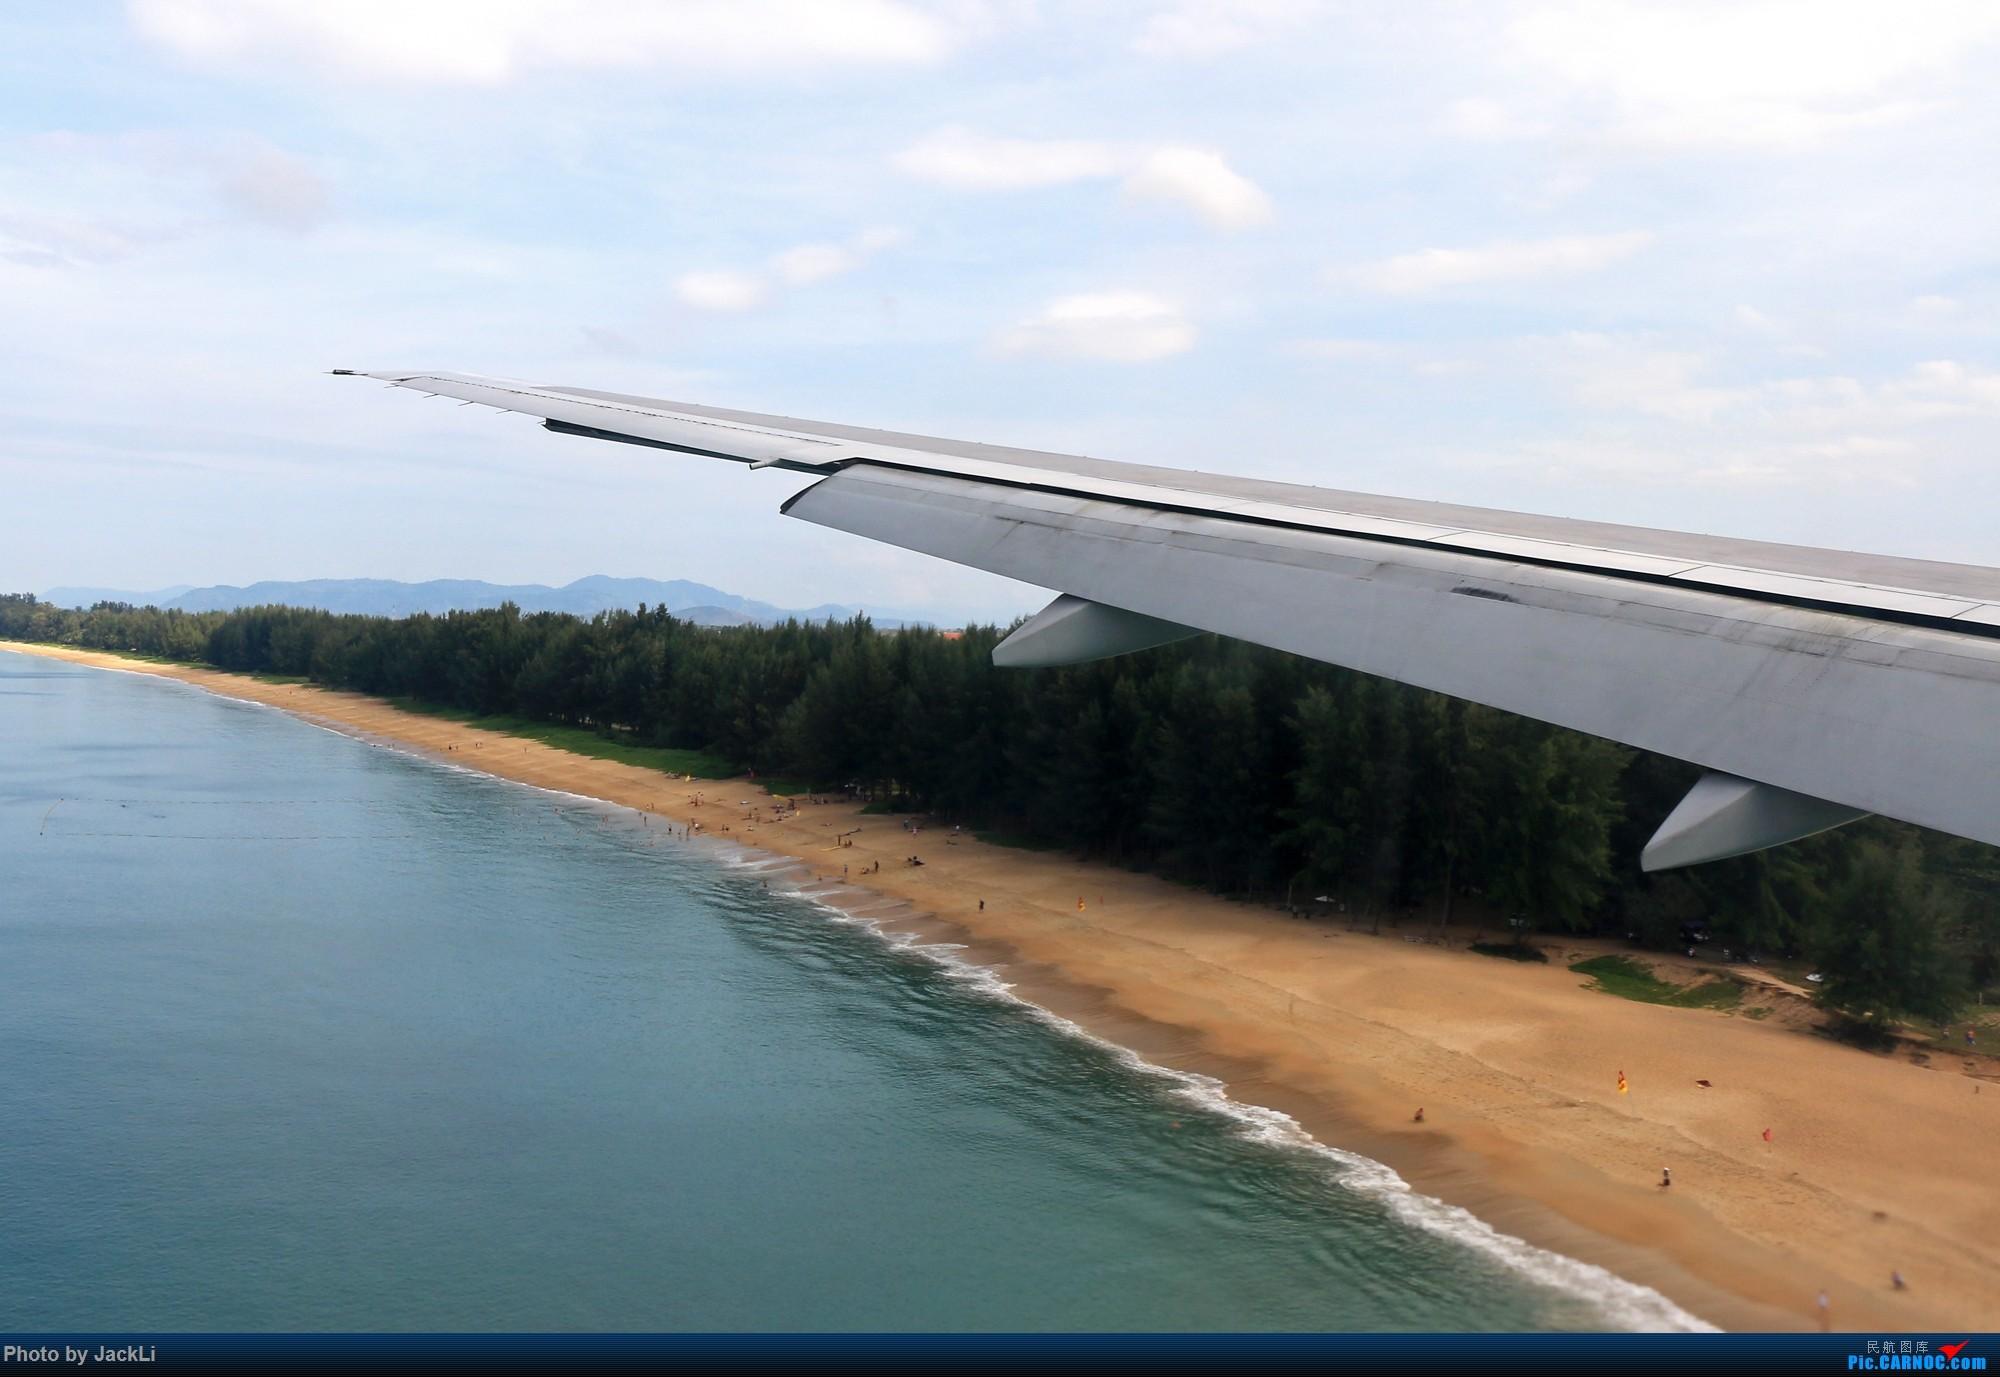 Re:[原创]【JackLi】亚洲圣马丁~普吉岛机场拍机 BOEING 777-200 HS-TJC 泰国普吉机场